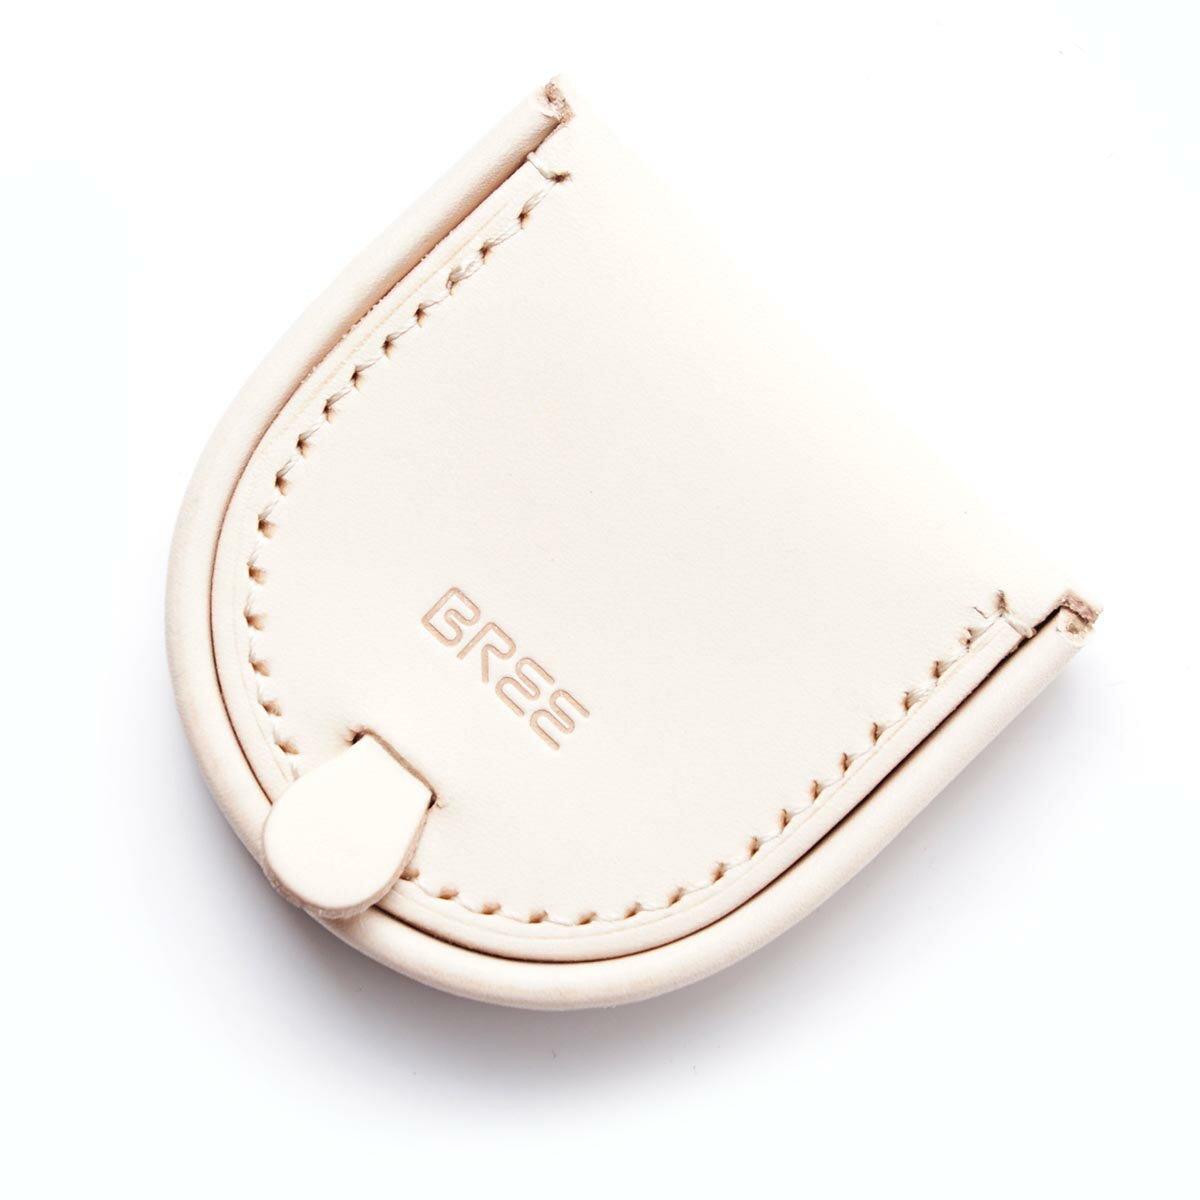 ブリー BREE コインケース ベージュ メンズ レディース 財布 ウォレット ギフト プレゼント J9 LEATHER【あす楽対応_関東】【ラッピング無料】【返品送料無料】【180412】